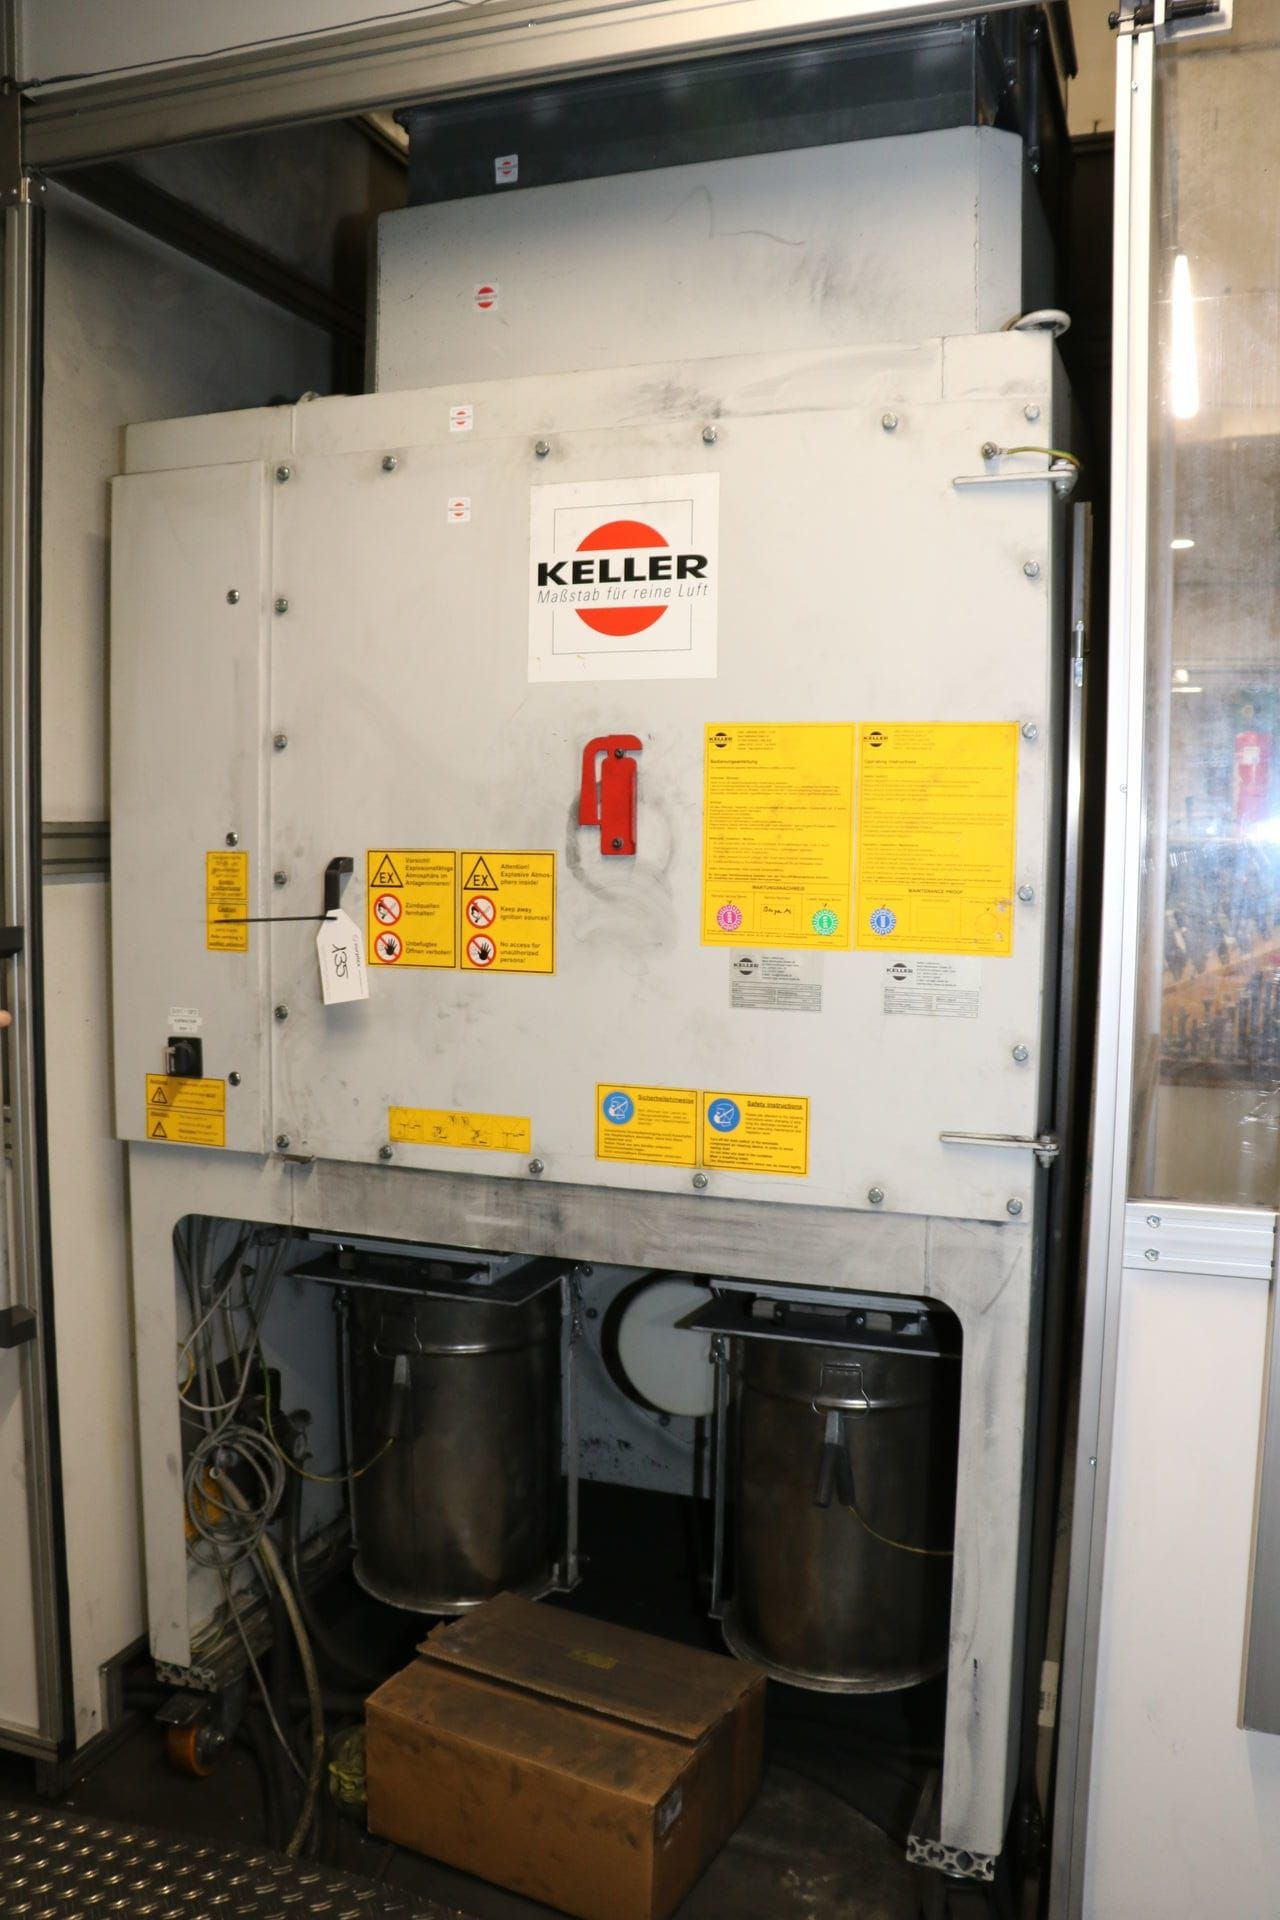 KELLER L-CUT-2-P 5- B 58- V-EX Absauganlage